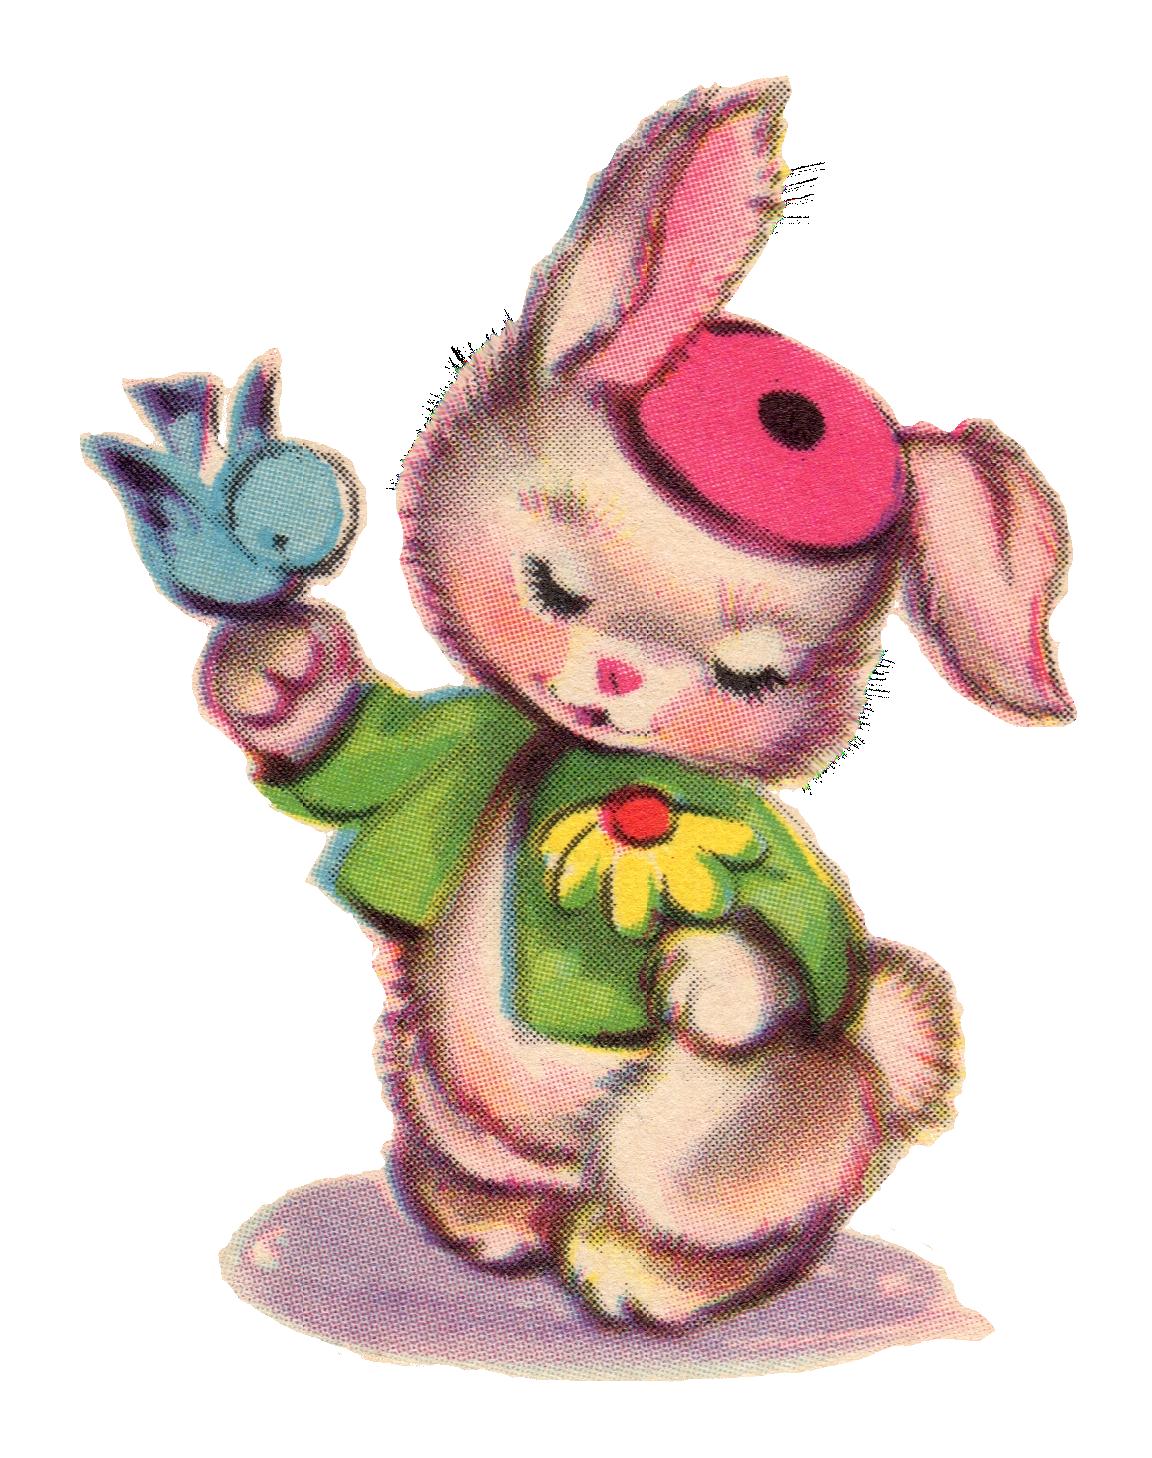 jpg transparent download Vintage clipart. Bunny